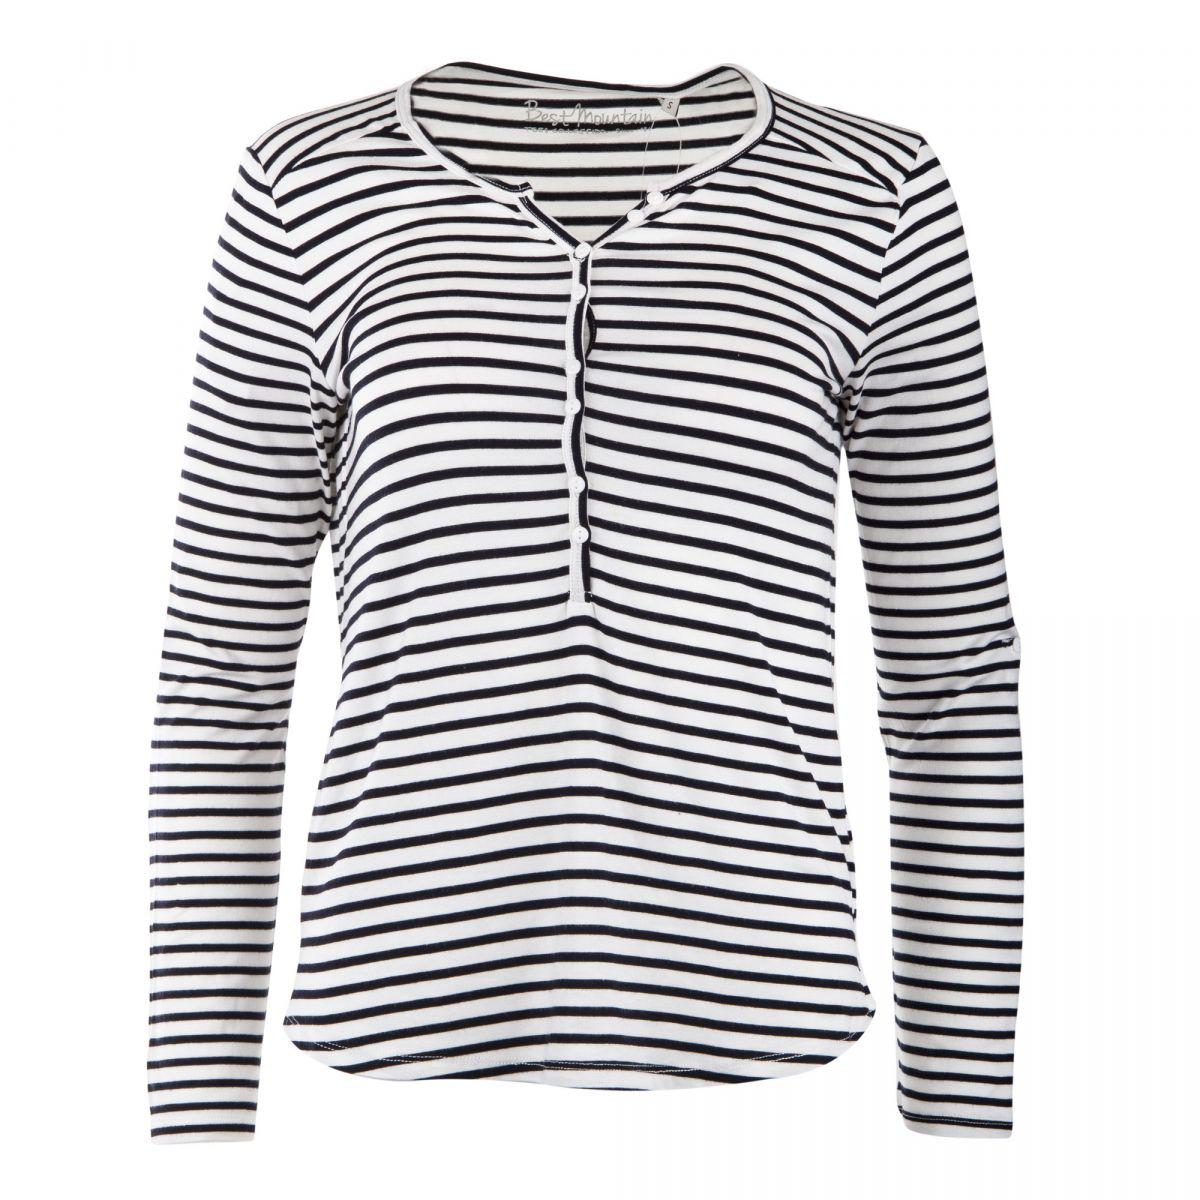 Tee shirt marinière col tunisien femme BEST MOUNTAIN marque pas cher prix  dégriffés destockage ... ee67fd4fc1d